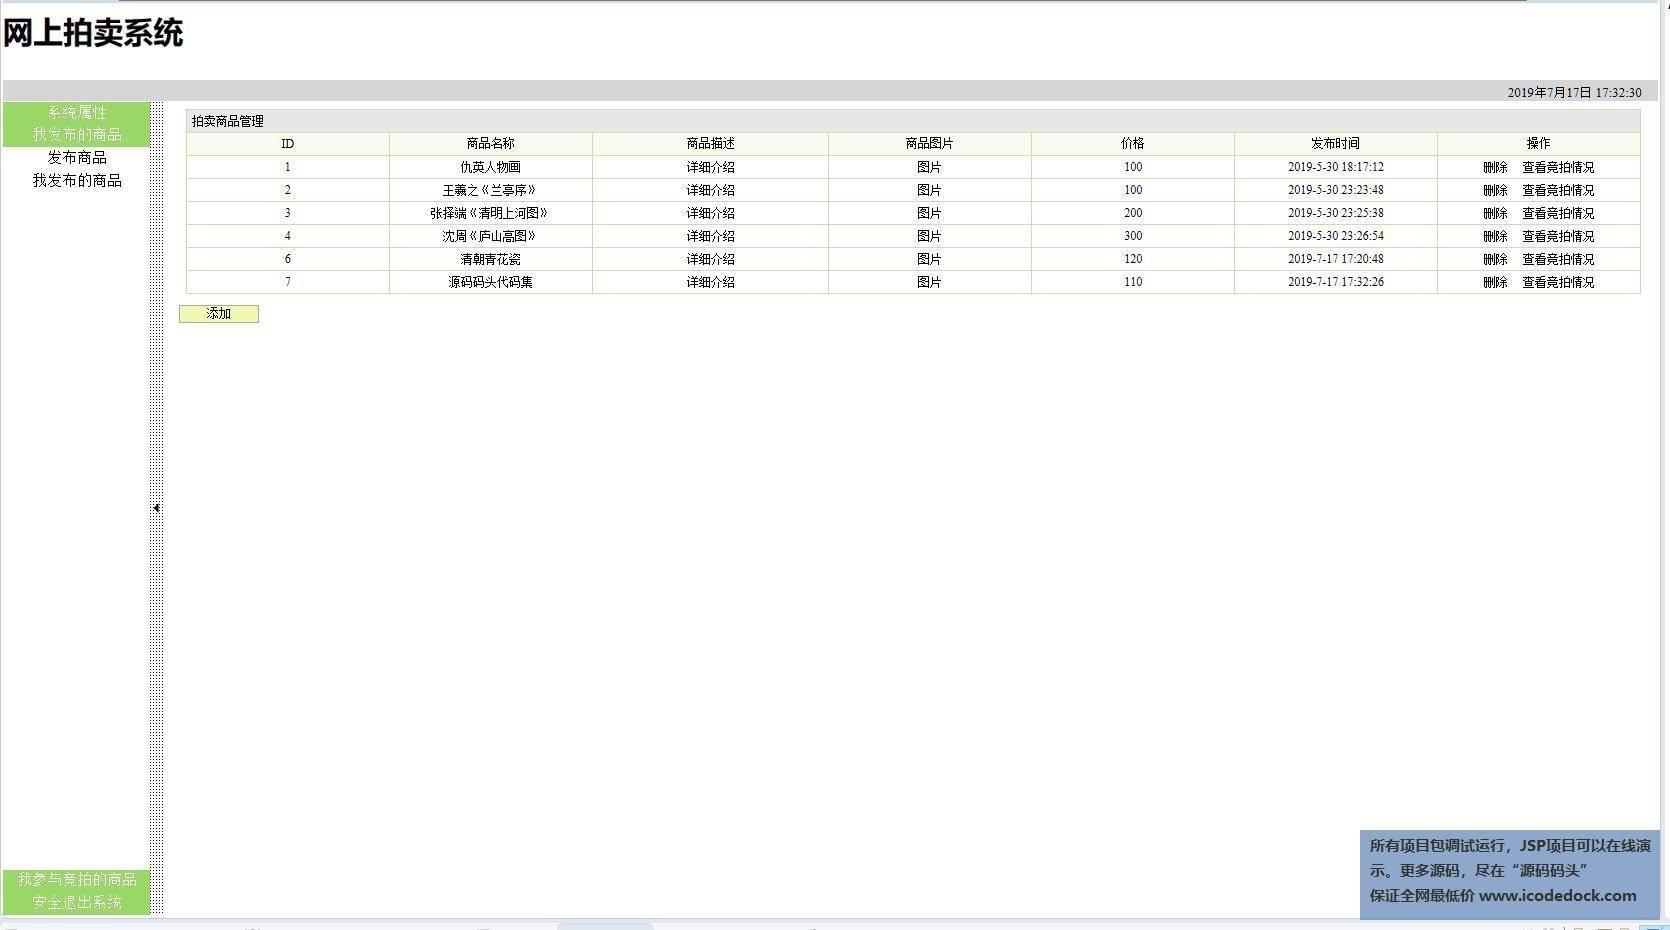 源码码头-SSH网上拍卖管理系统-用户角色-查看我的发布